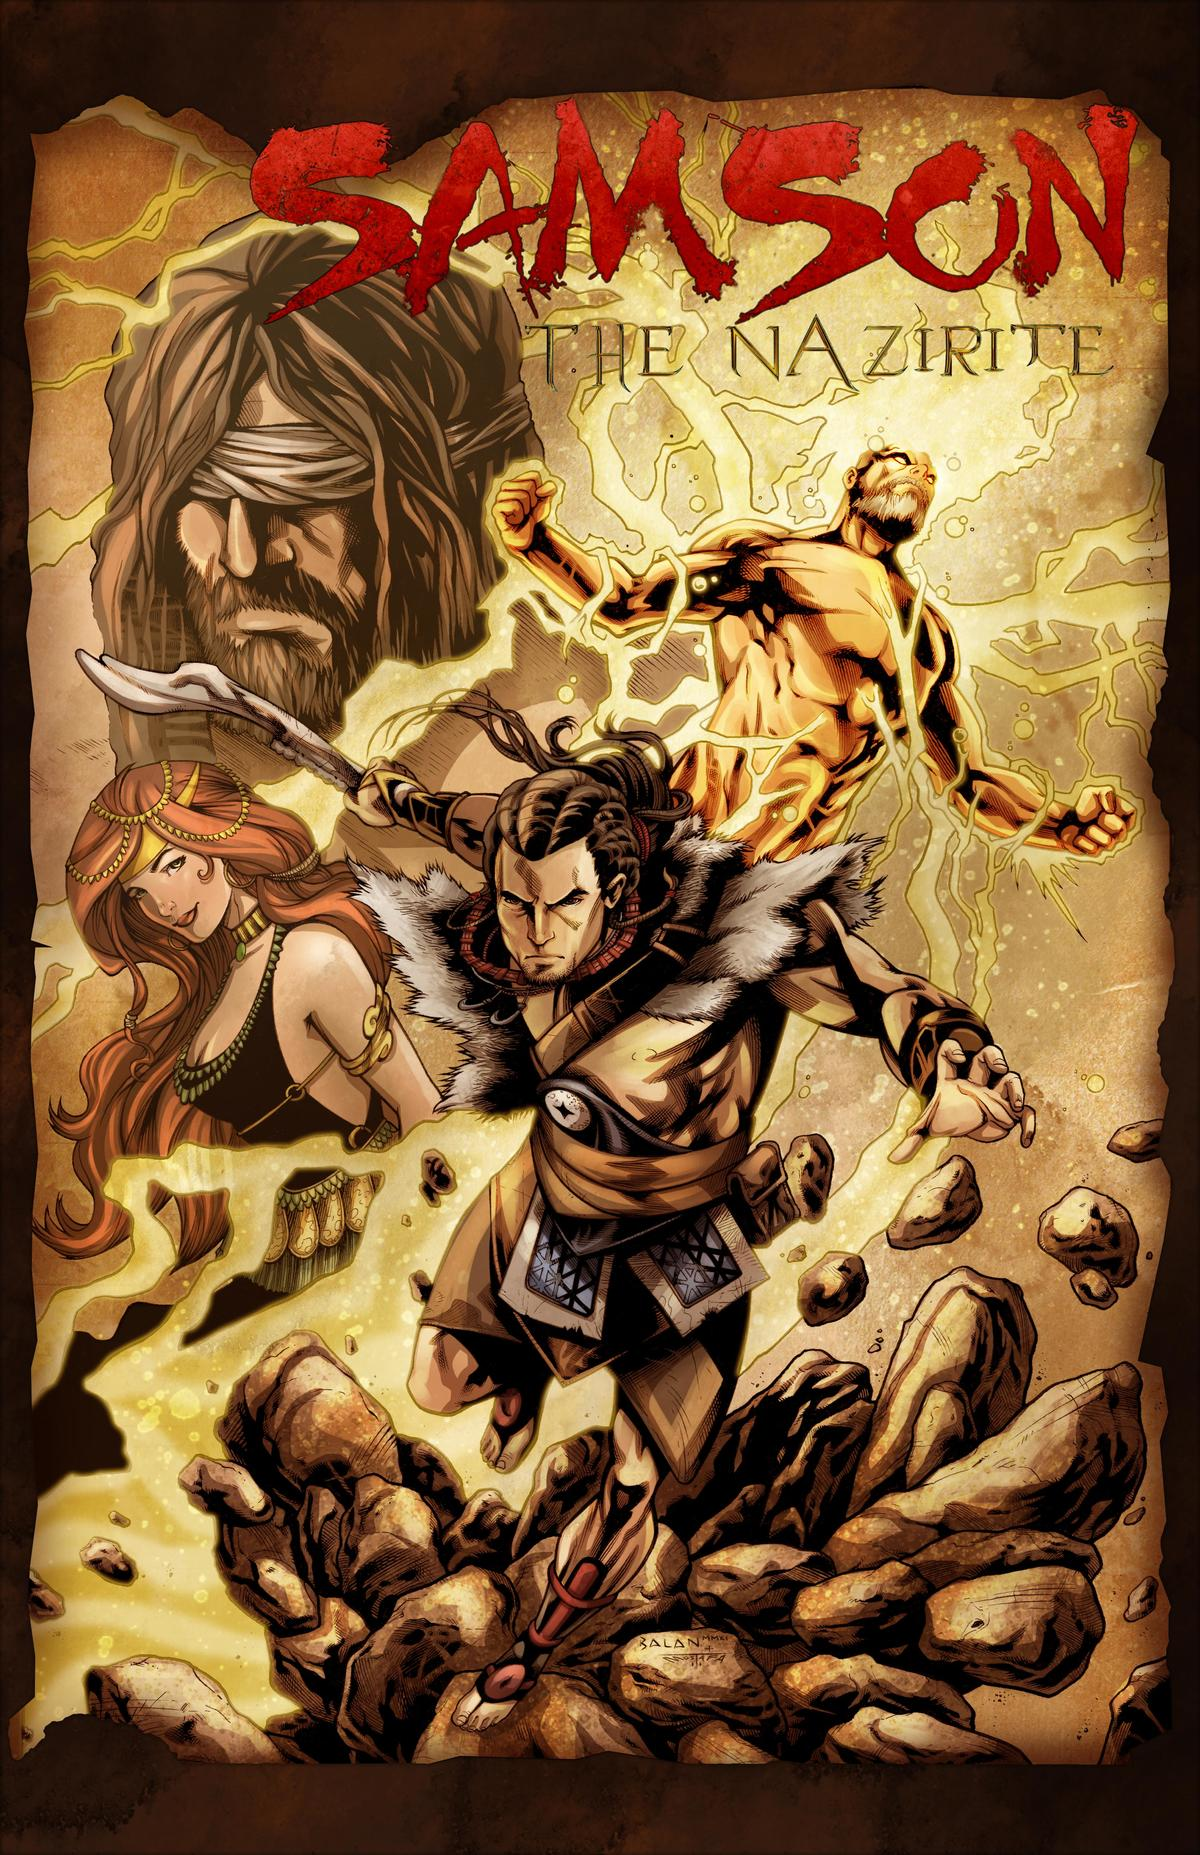 Samson the Nazirite Volume 1